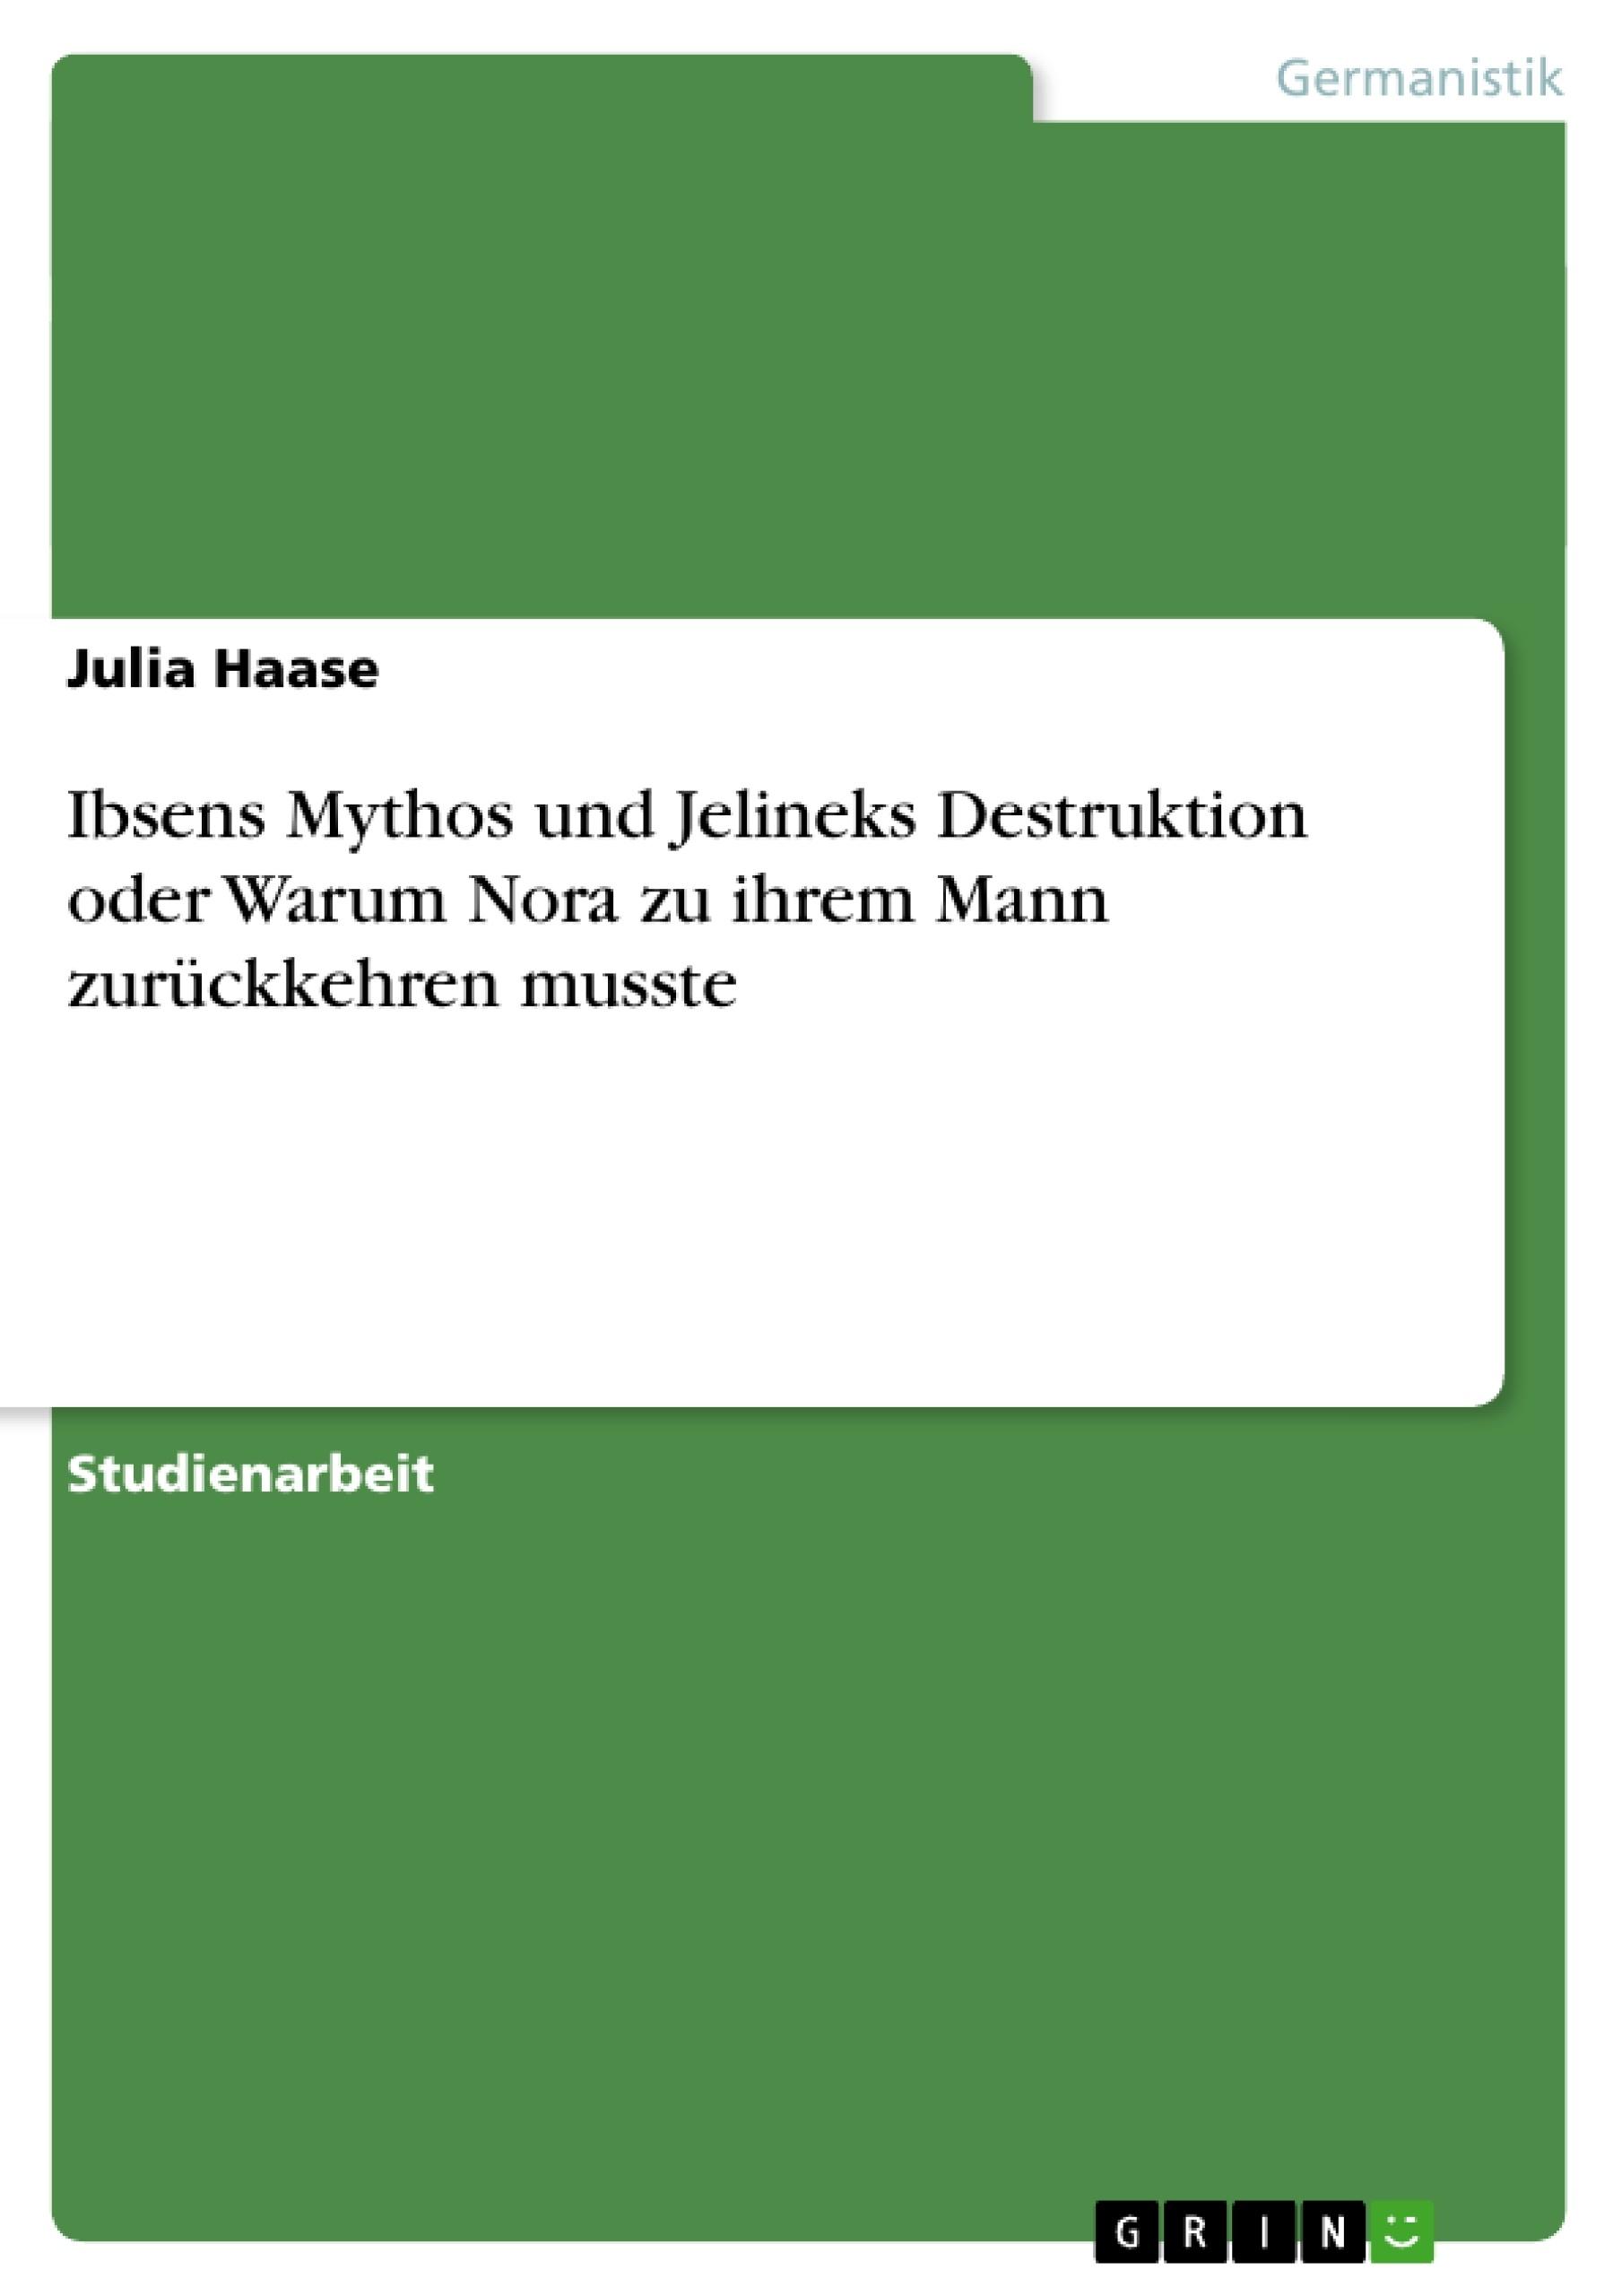 Titel: Ibsens Mythos und Jelineks Destruktion oder Warum Nora zu ihrem Mann zurückkehren musste